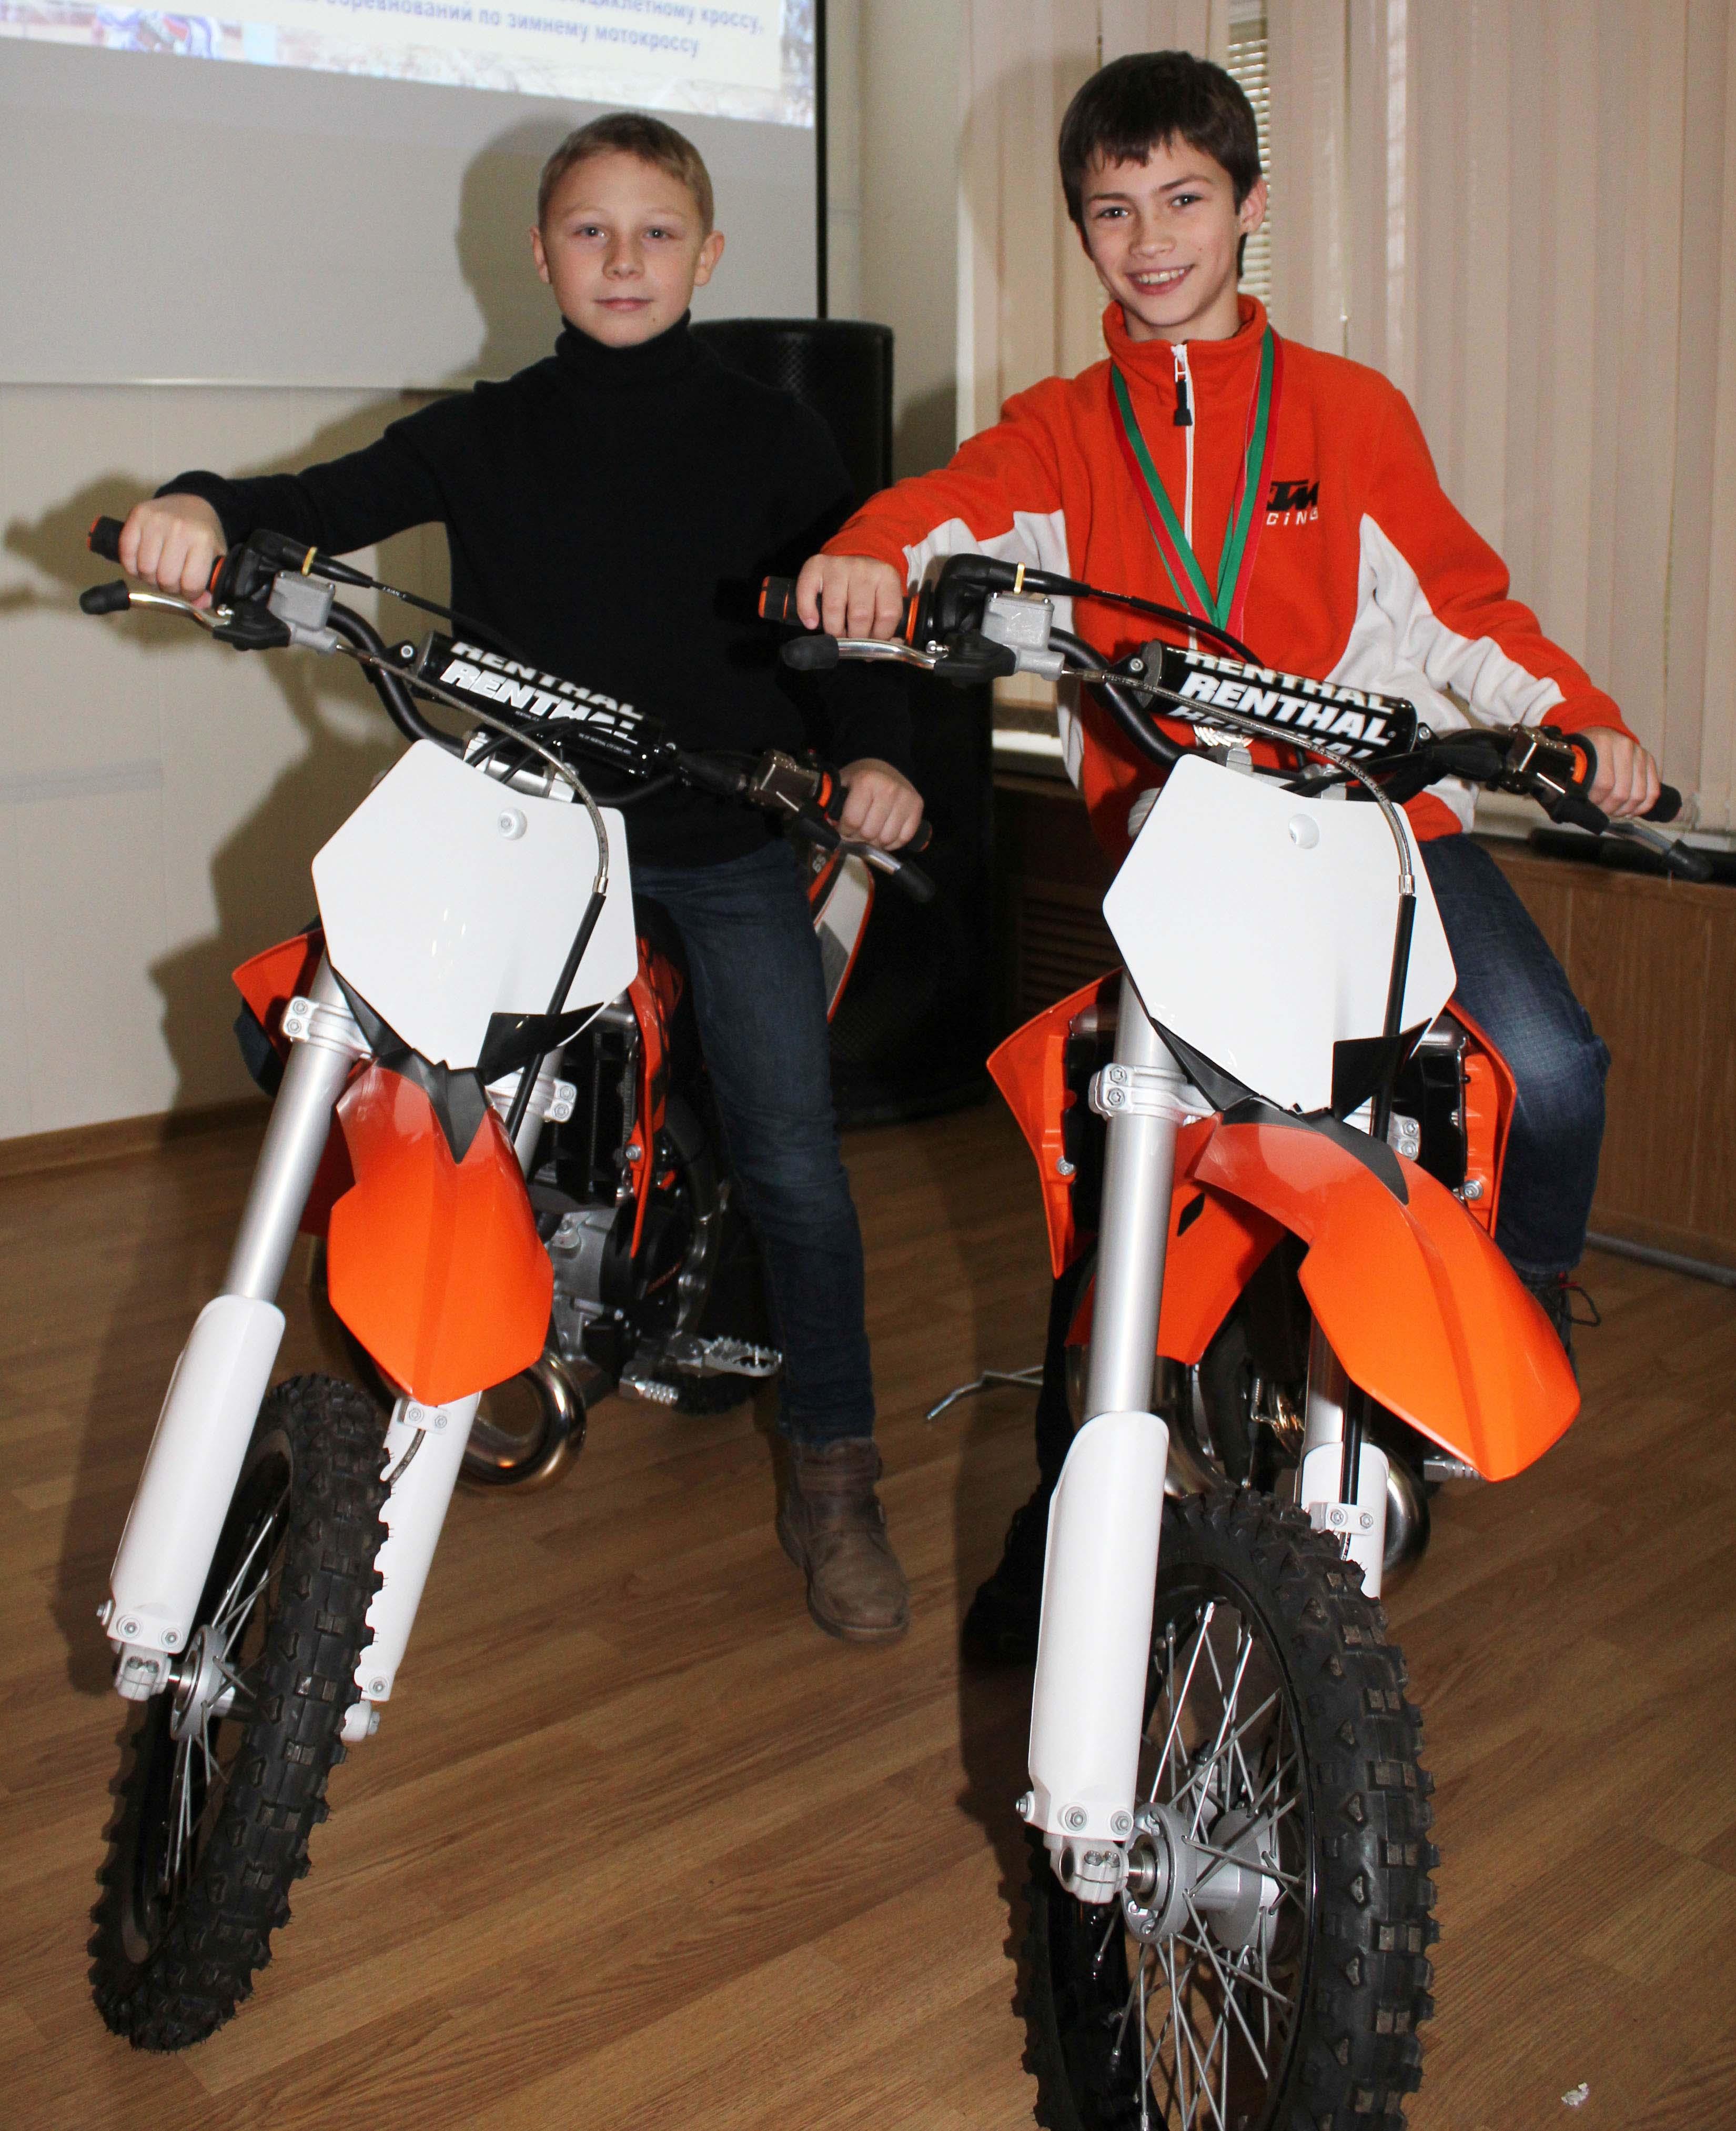 Юные талантливые спортсмены на новых мотоциклах от ДОСААФ